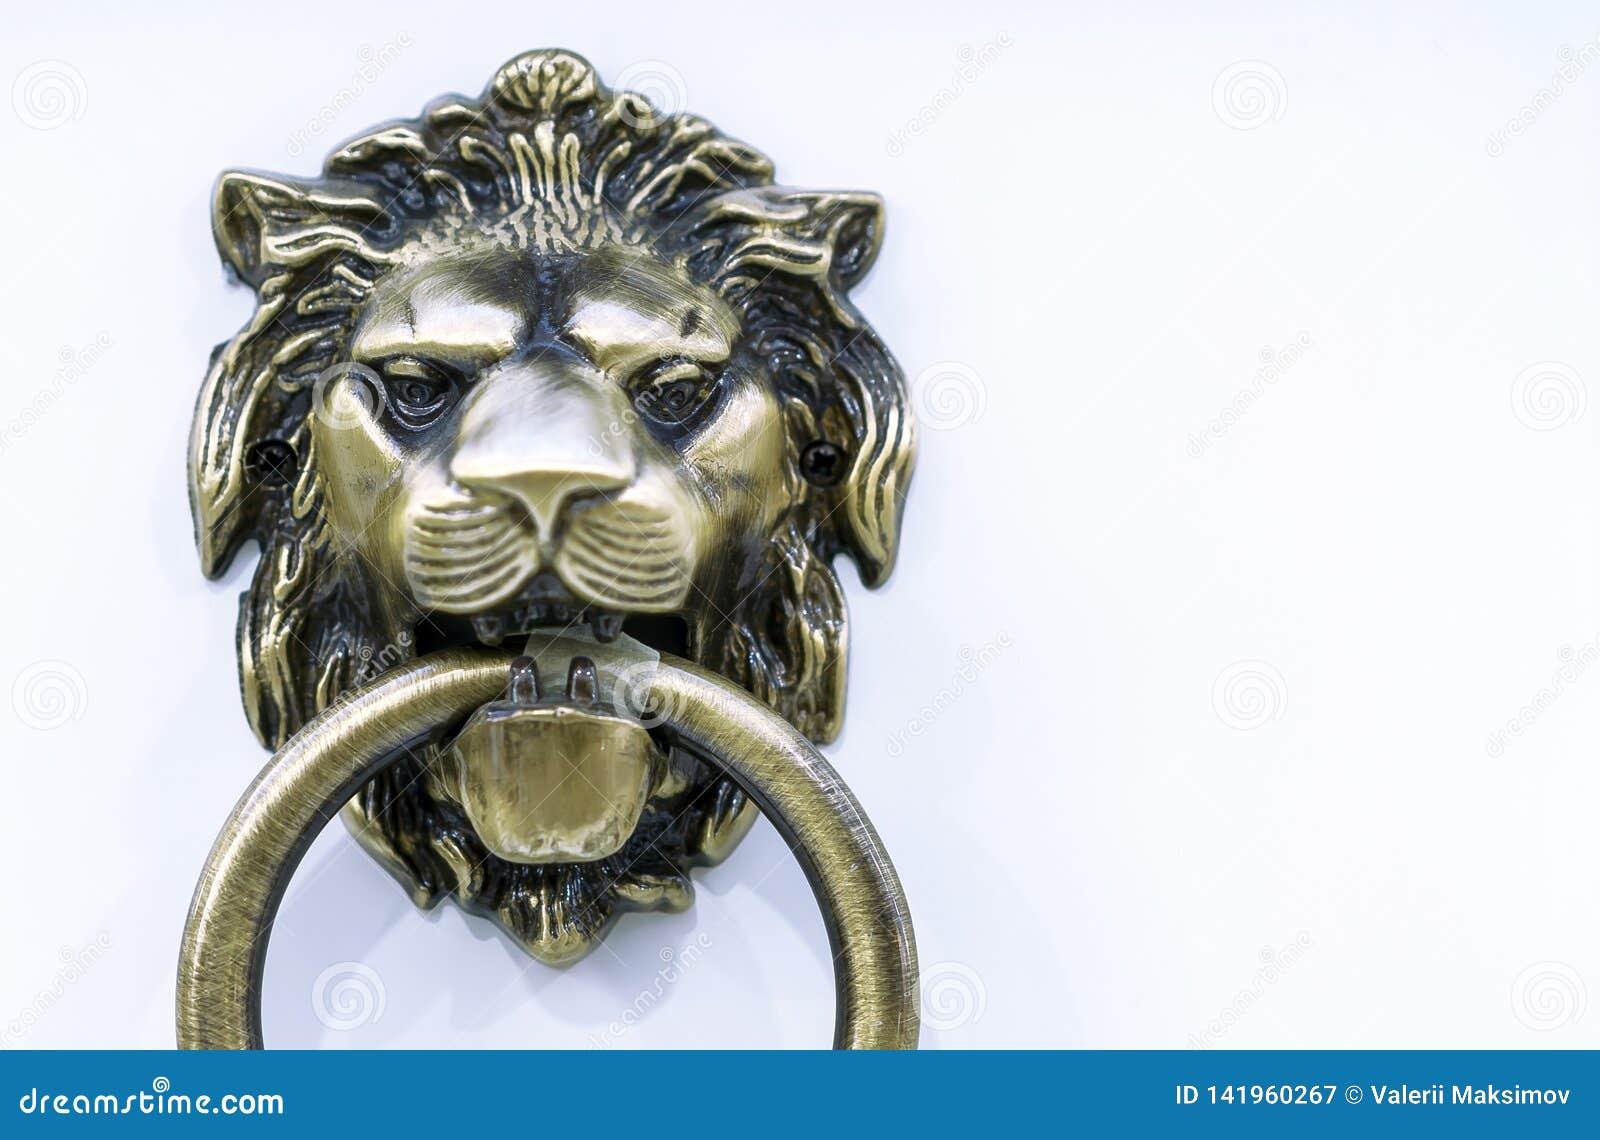 Ручка двери с кольцом в форме головы льва